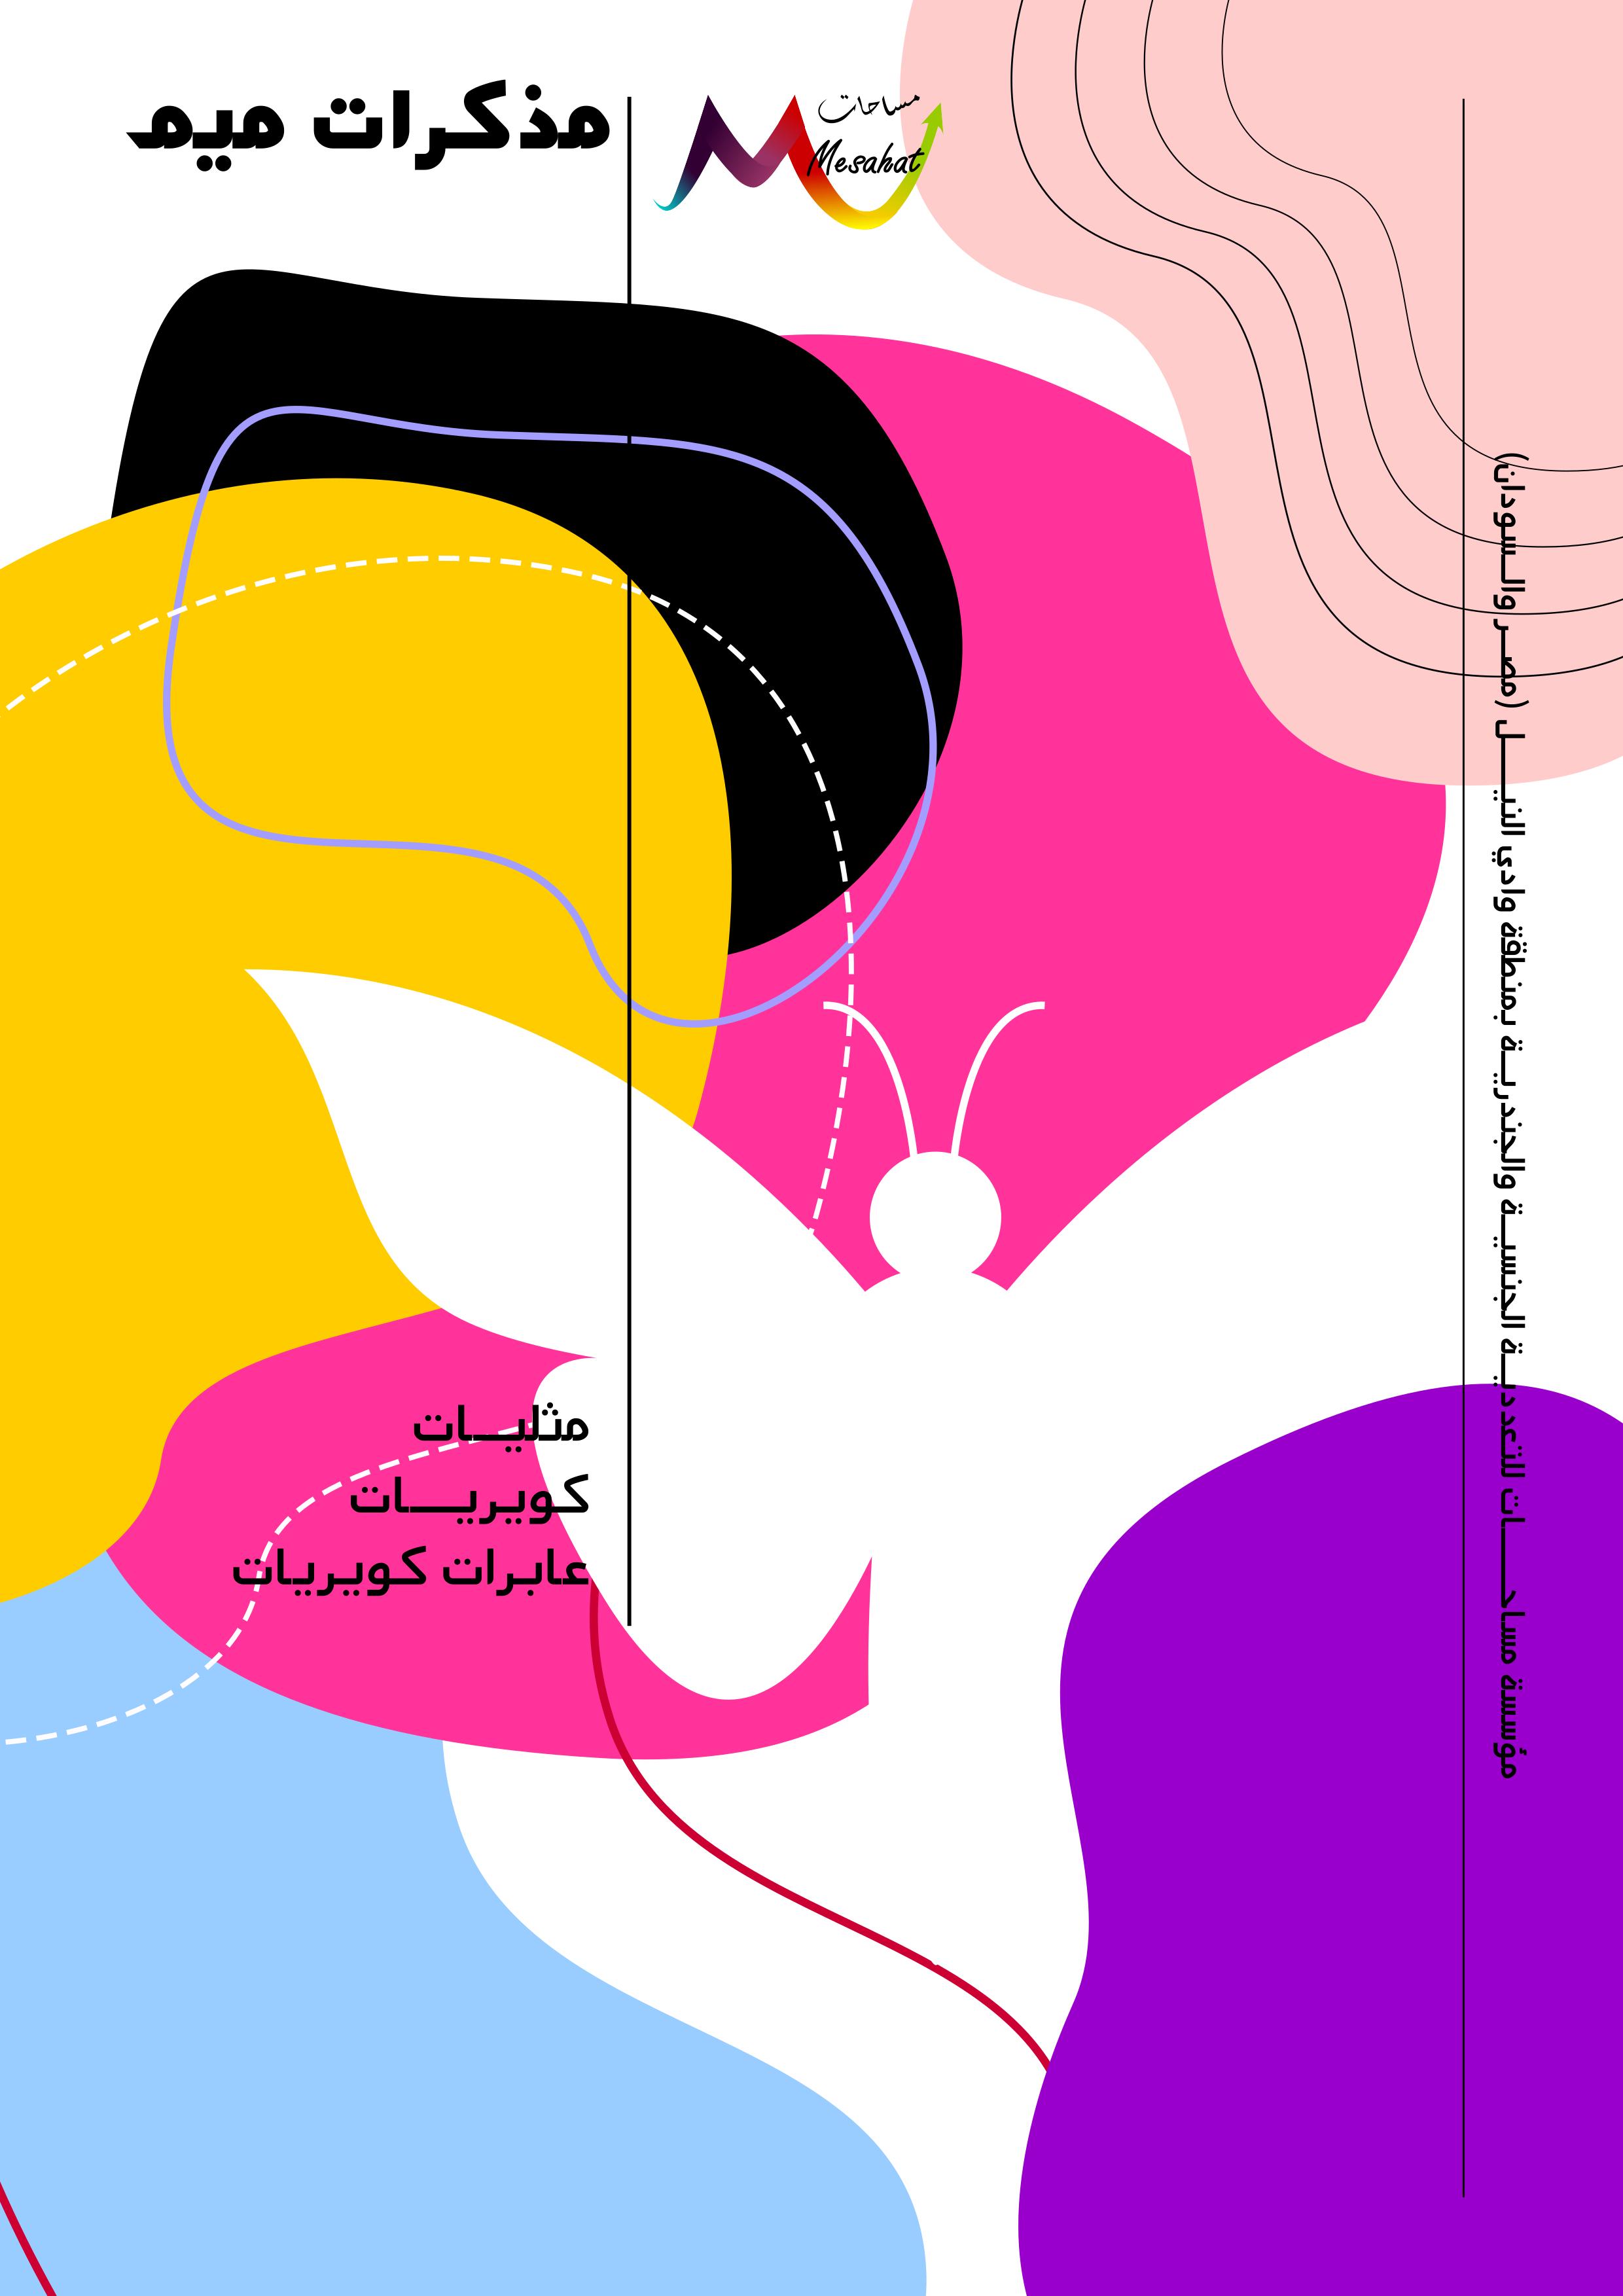 """""""مذكرات ميم""""  هو نتاج عمل فريق البحث والتوثيق لفريق مساحات. تم نشر العدد الأول في مايو 2019، وهو بداية في سلسة من الكتيبات التويثيقية التي تهدف إلى تأريخ التاريخ الشفاهي، والتجارب الحياتية اليومية للفئات الأقل تمثيلا فى الخطاب الكويري بمجتمع الميم، والأشخاص من خارج مركزي عواصم السودان ومصر. ويهتم الكتيب الأول بسرد التجارب الخاصة برحلة إكتشاف الذات للنساء المثليات، والعابرات الكويريات، والنساء الكويريات."""